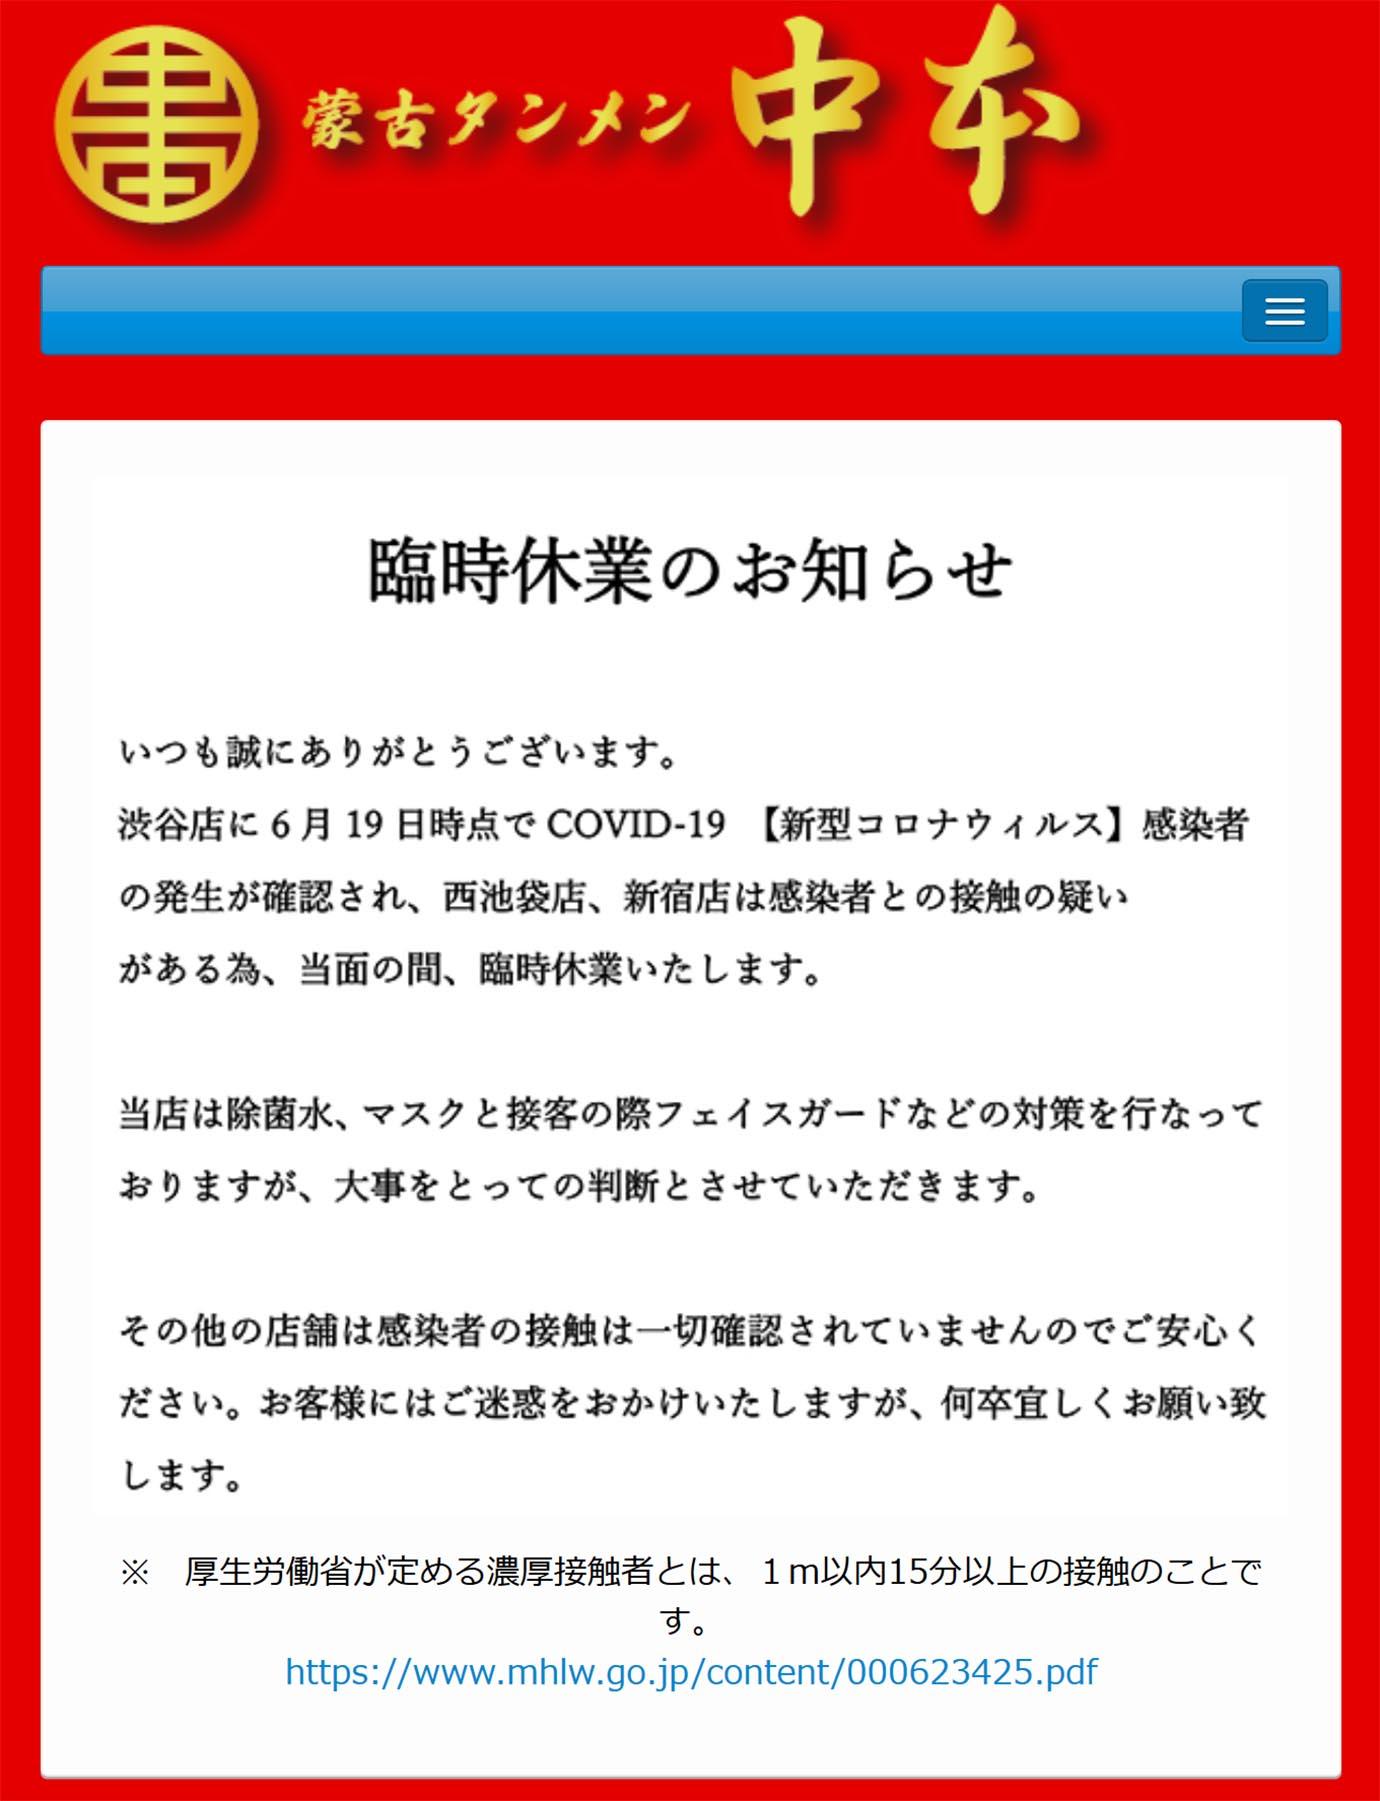 mouko-tanmen-nakamoto1